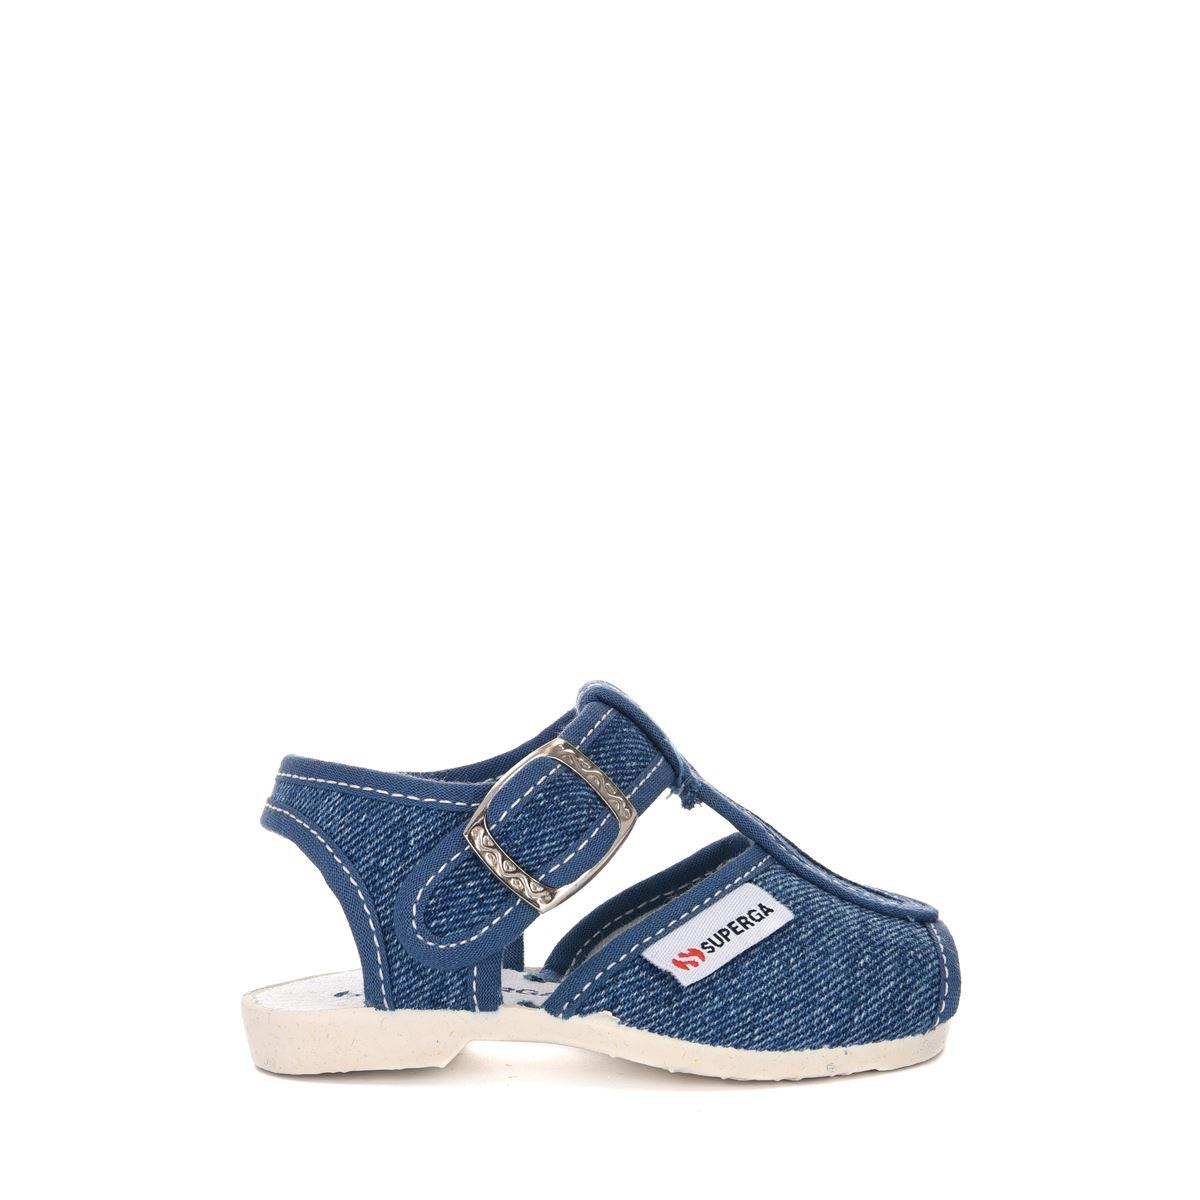 Sandalo Sandali Superga 1200 Ebay Classico Cotj Bambino Scarpe Neonato wZggr50xUq